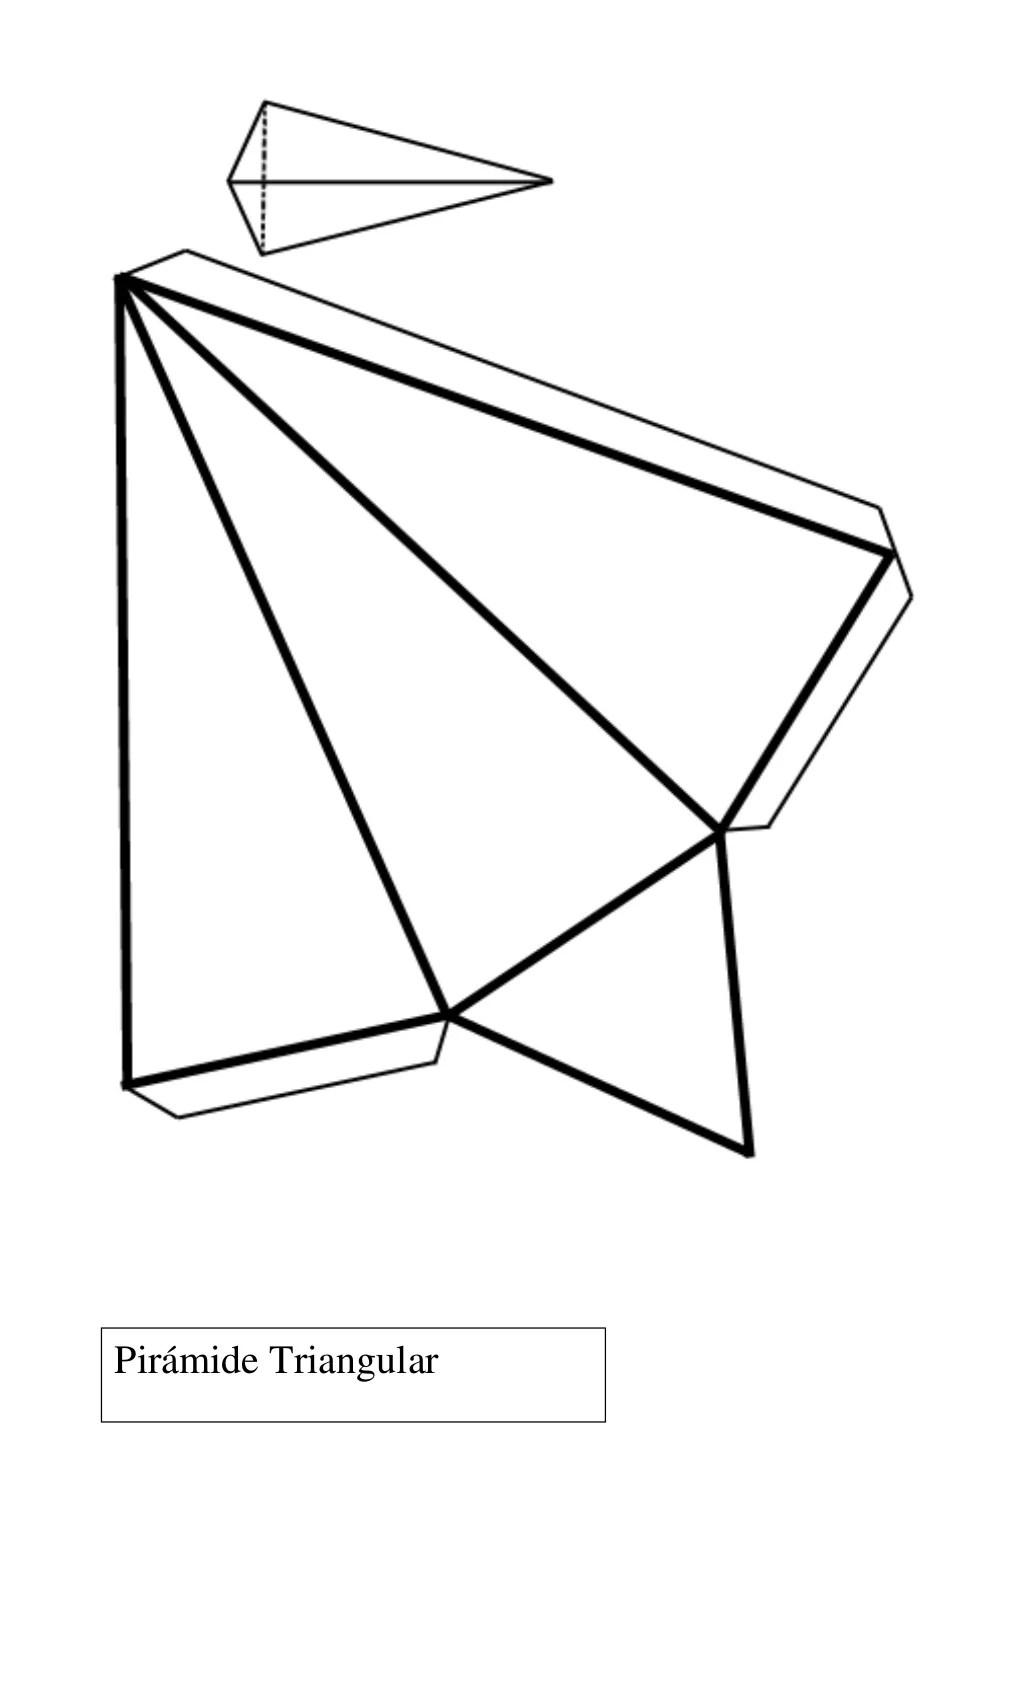 Imagenes De Prismas Piramides Y Cubos Imagendeflores Website